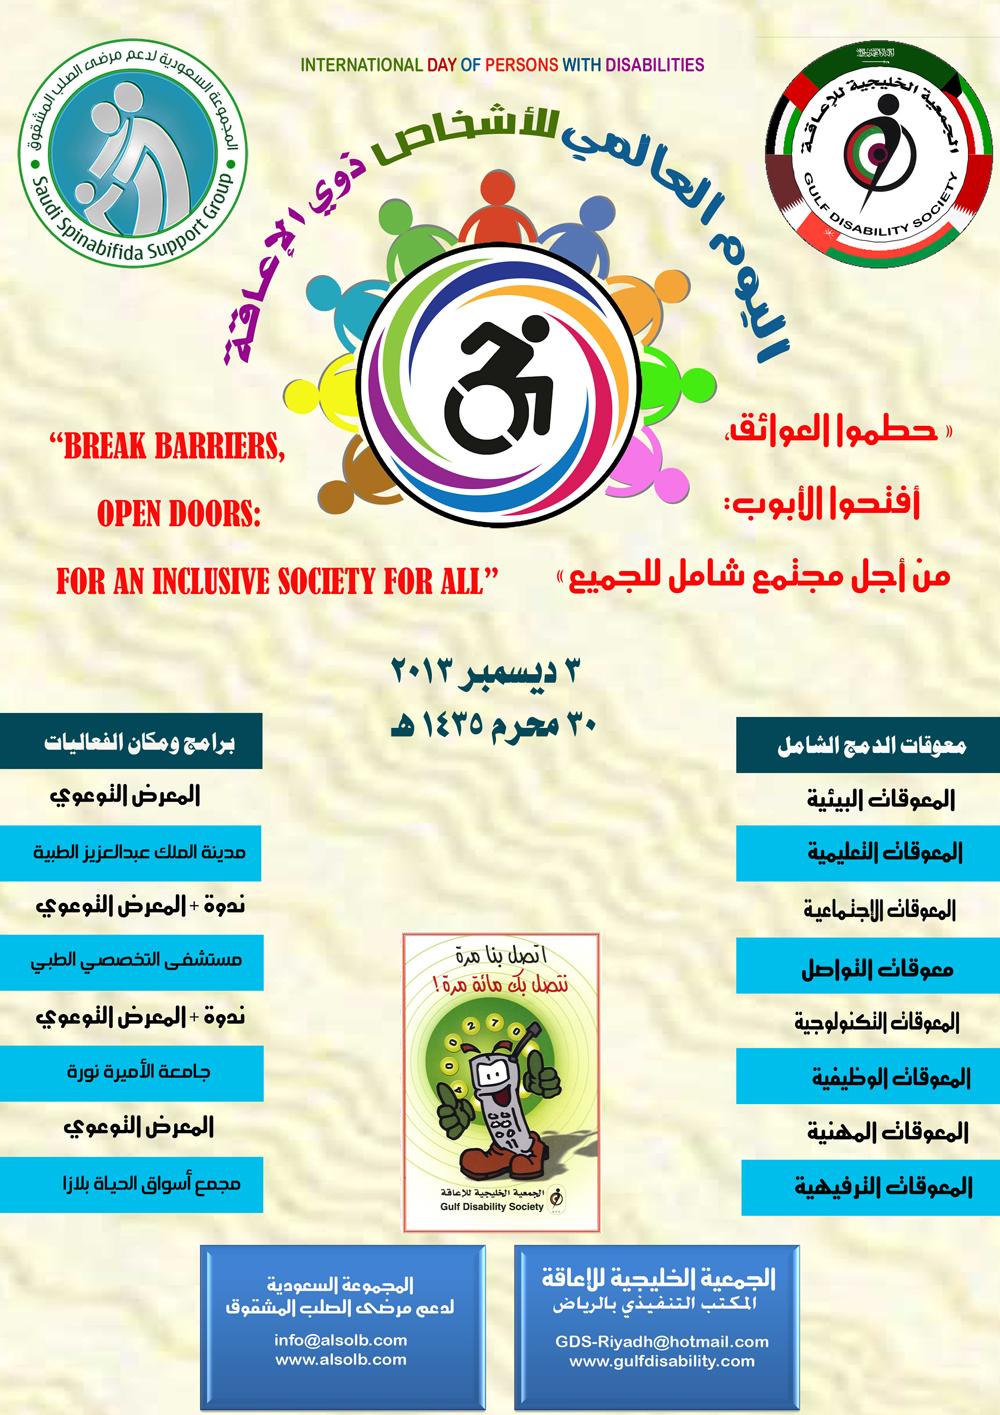 اليوم العالمي للأشخاص ذوي الإعاقة 3 ديسمبر 2013م 30 محرم 1435 هـ